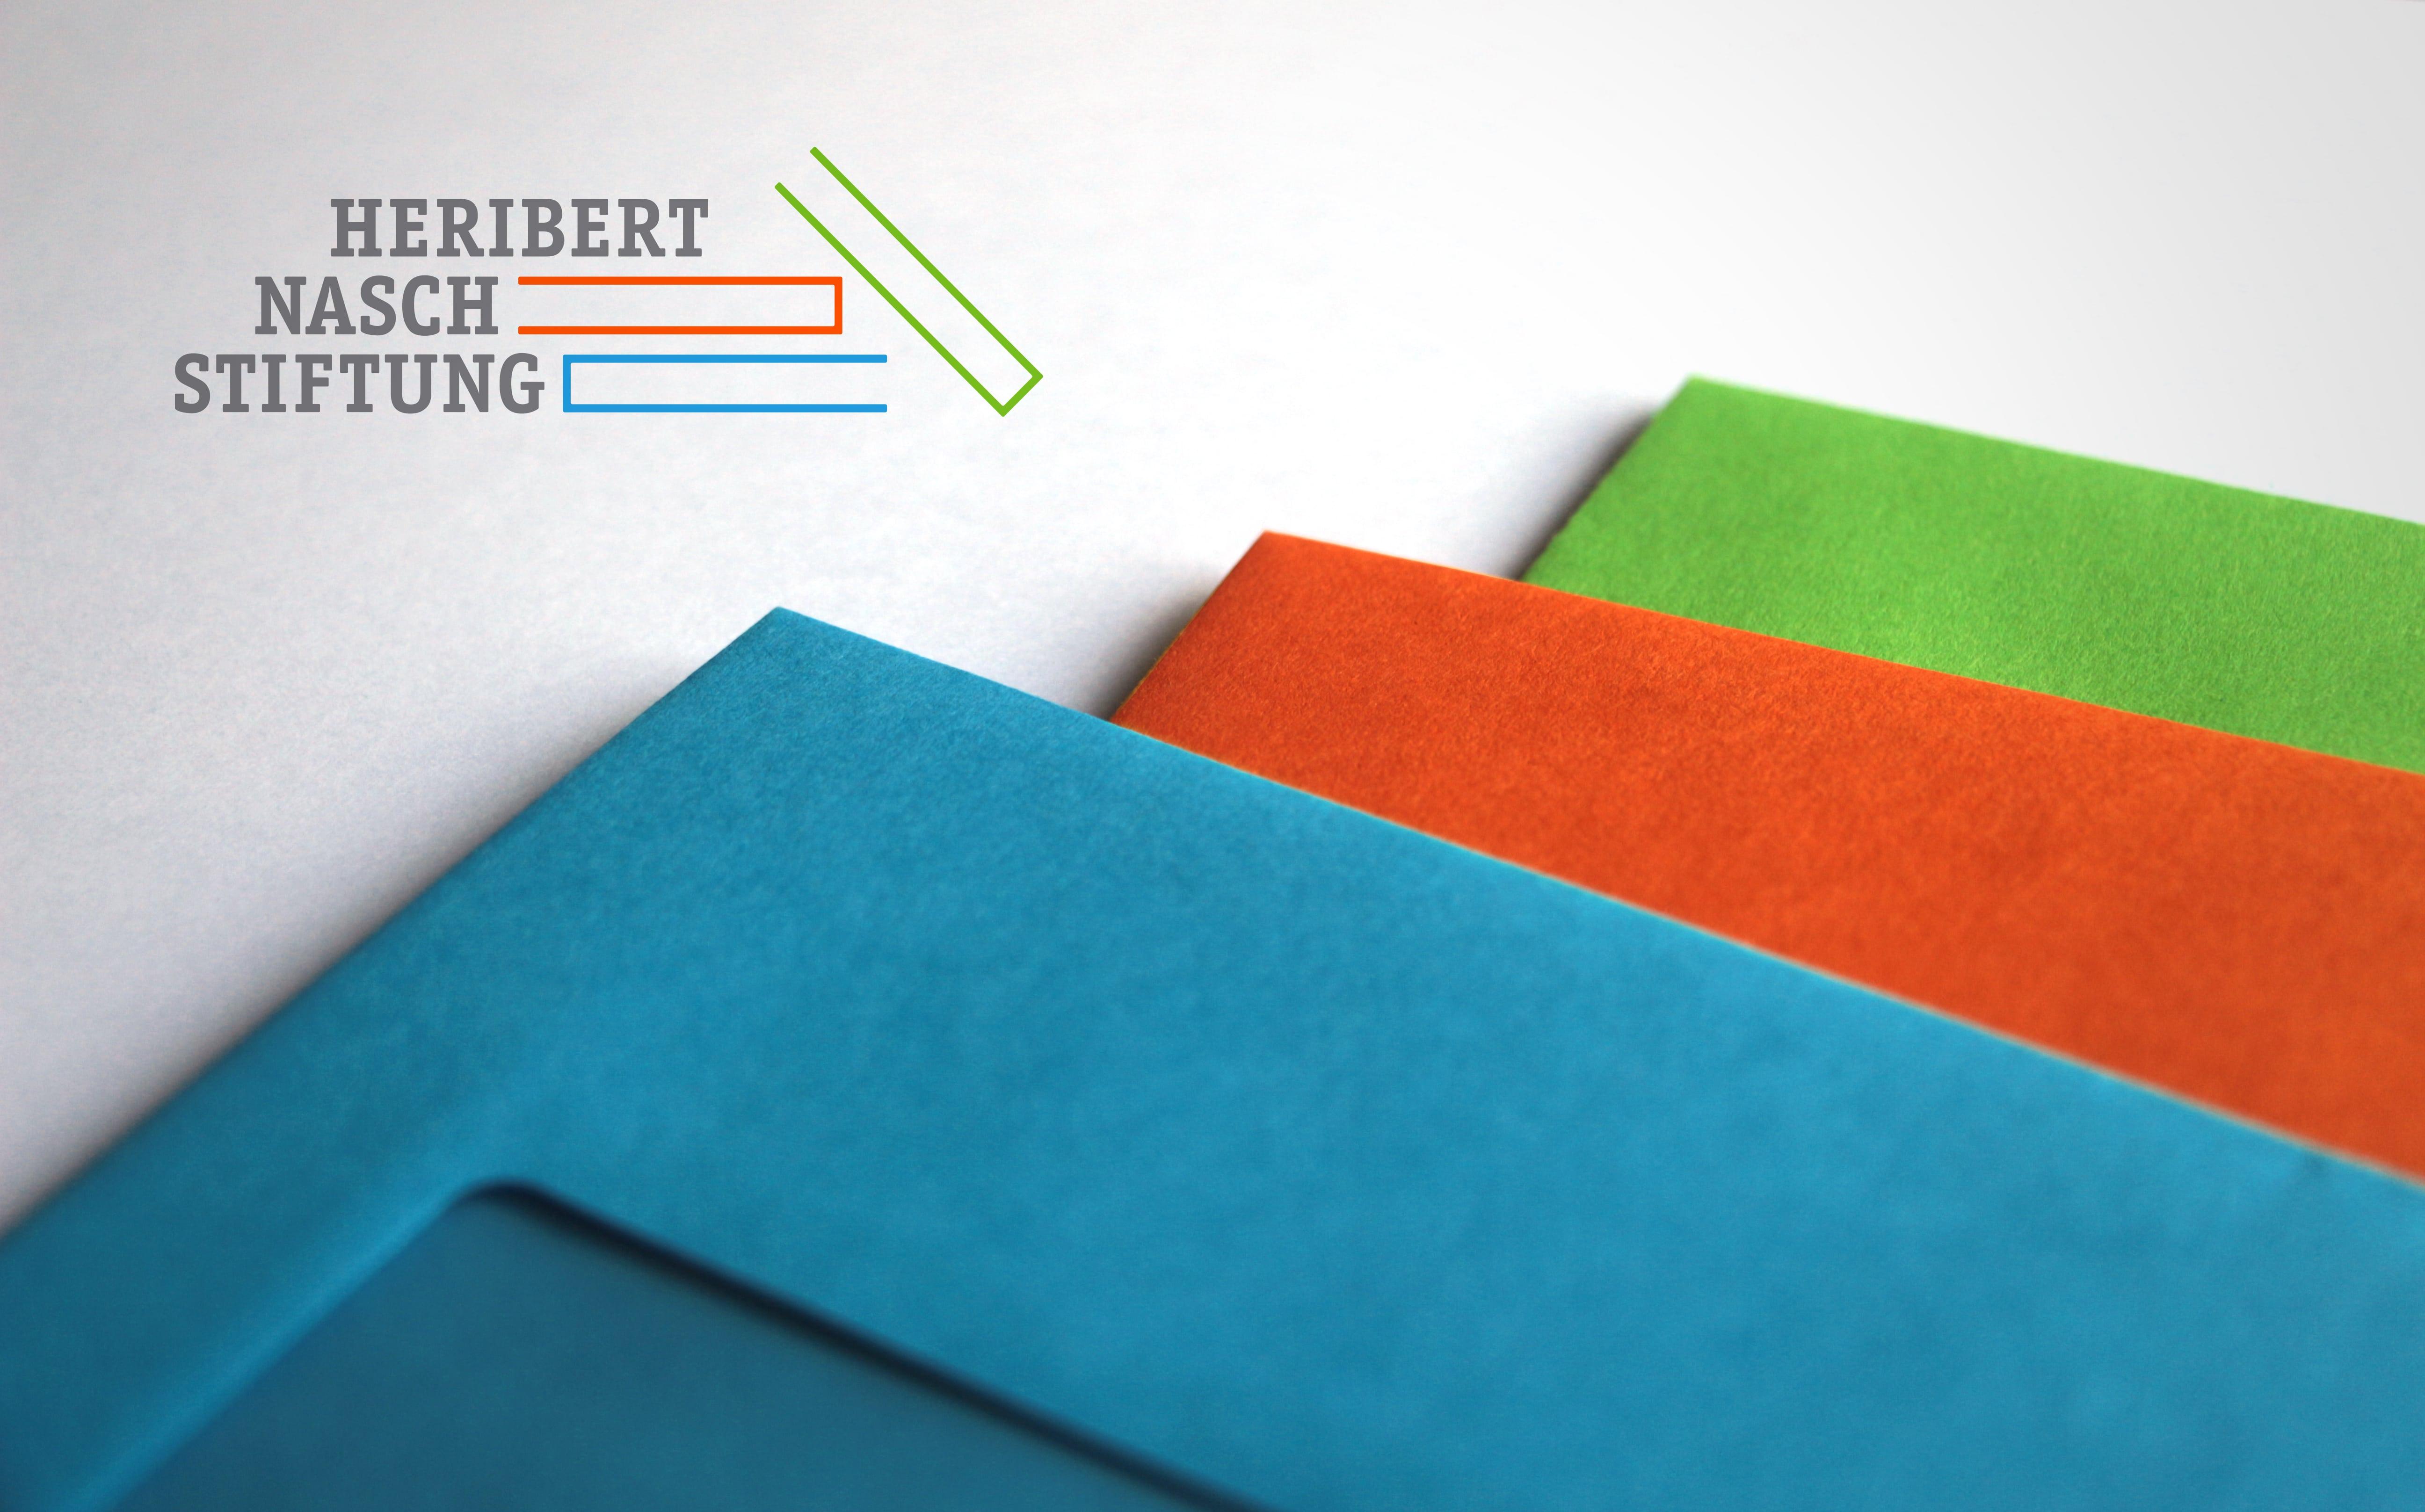 hns cd 06 - Nicht nur Gutes tun, sondern auch das Richtige – Corporate Design, Logoentwicklung, Grafikdesign, Webdesign, Kommunikationsdesign, Branding, Markenentwicklung